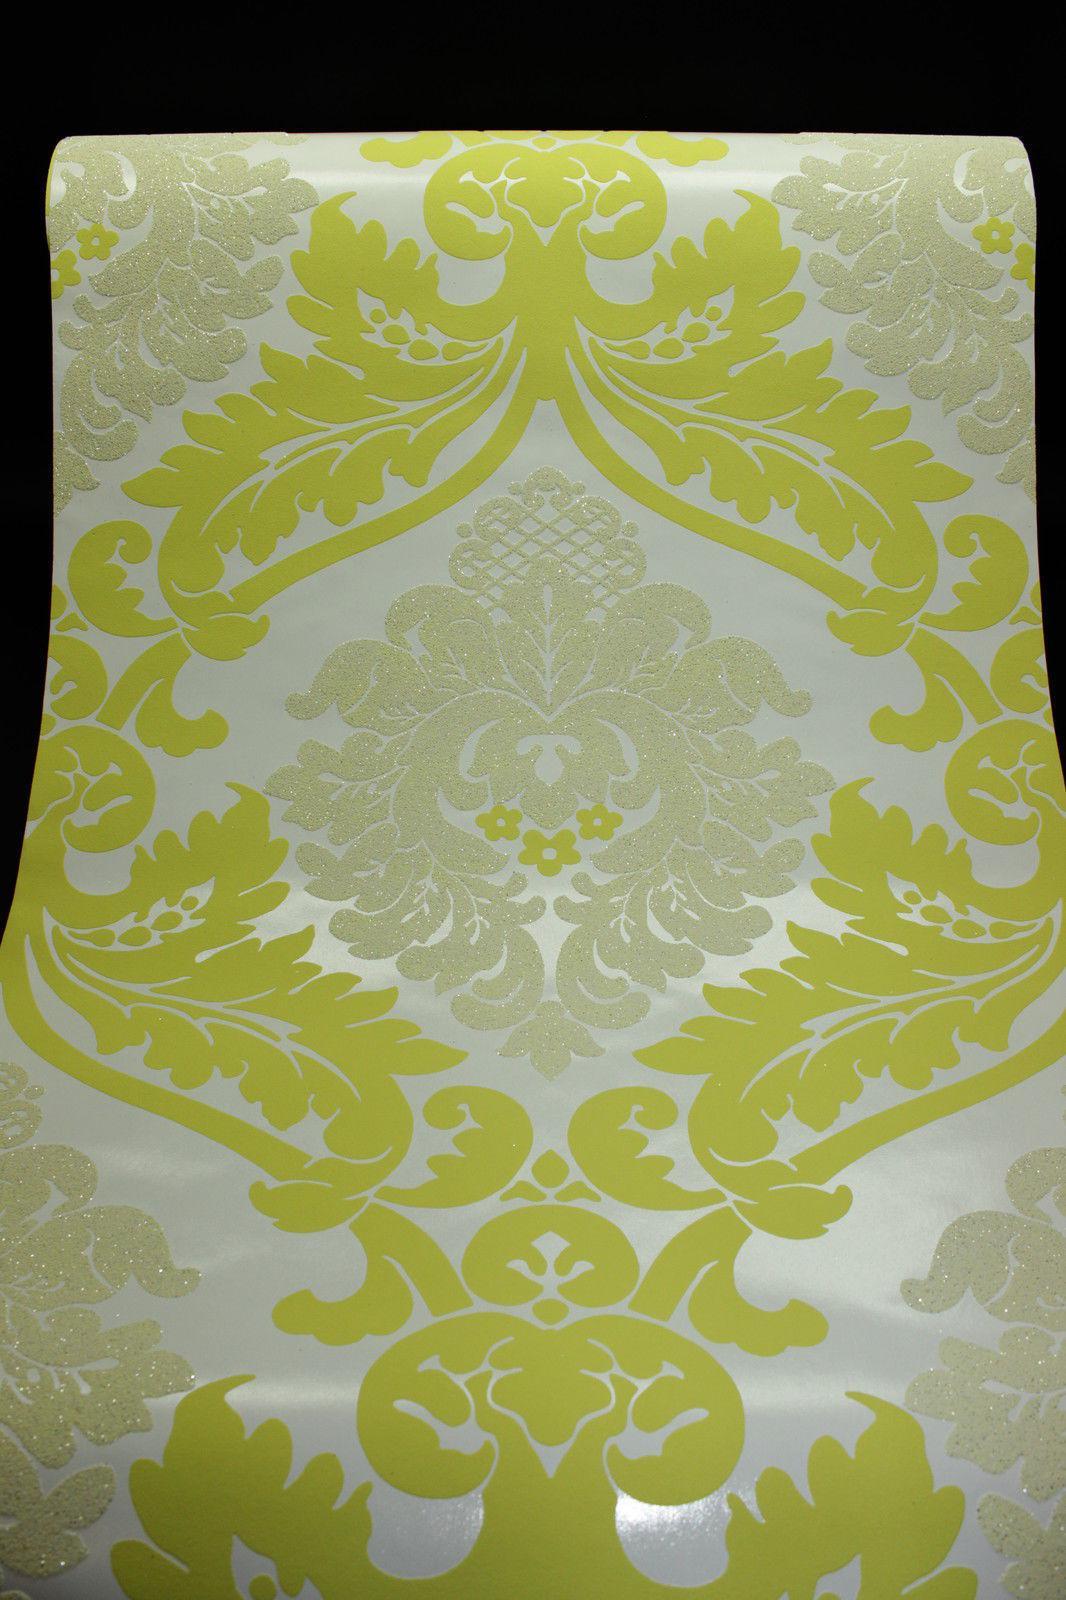 Tapeten grün gelb günstig online kaufen bei yatego